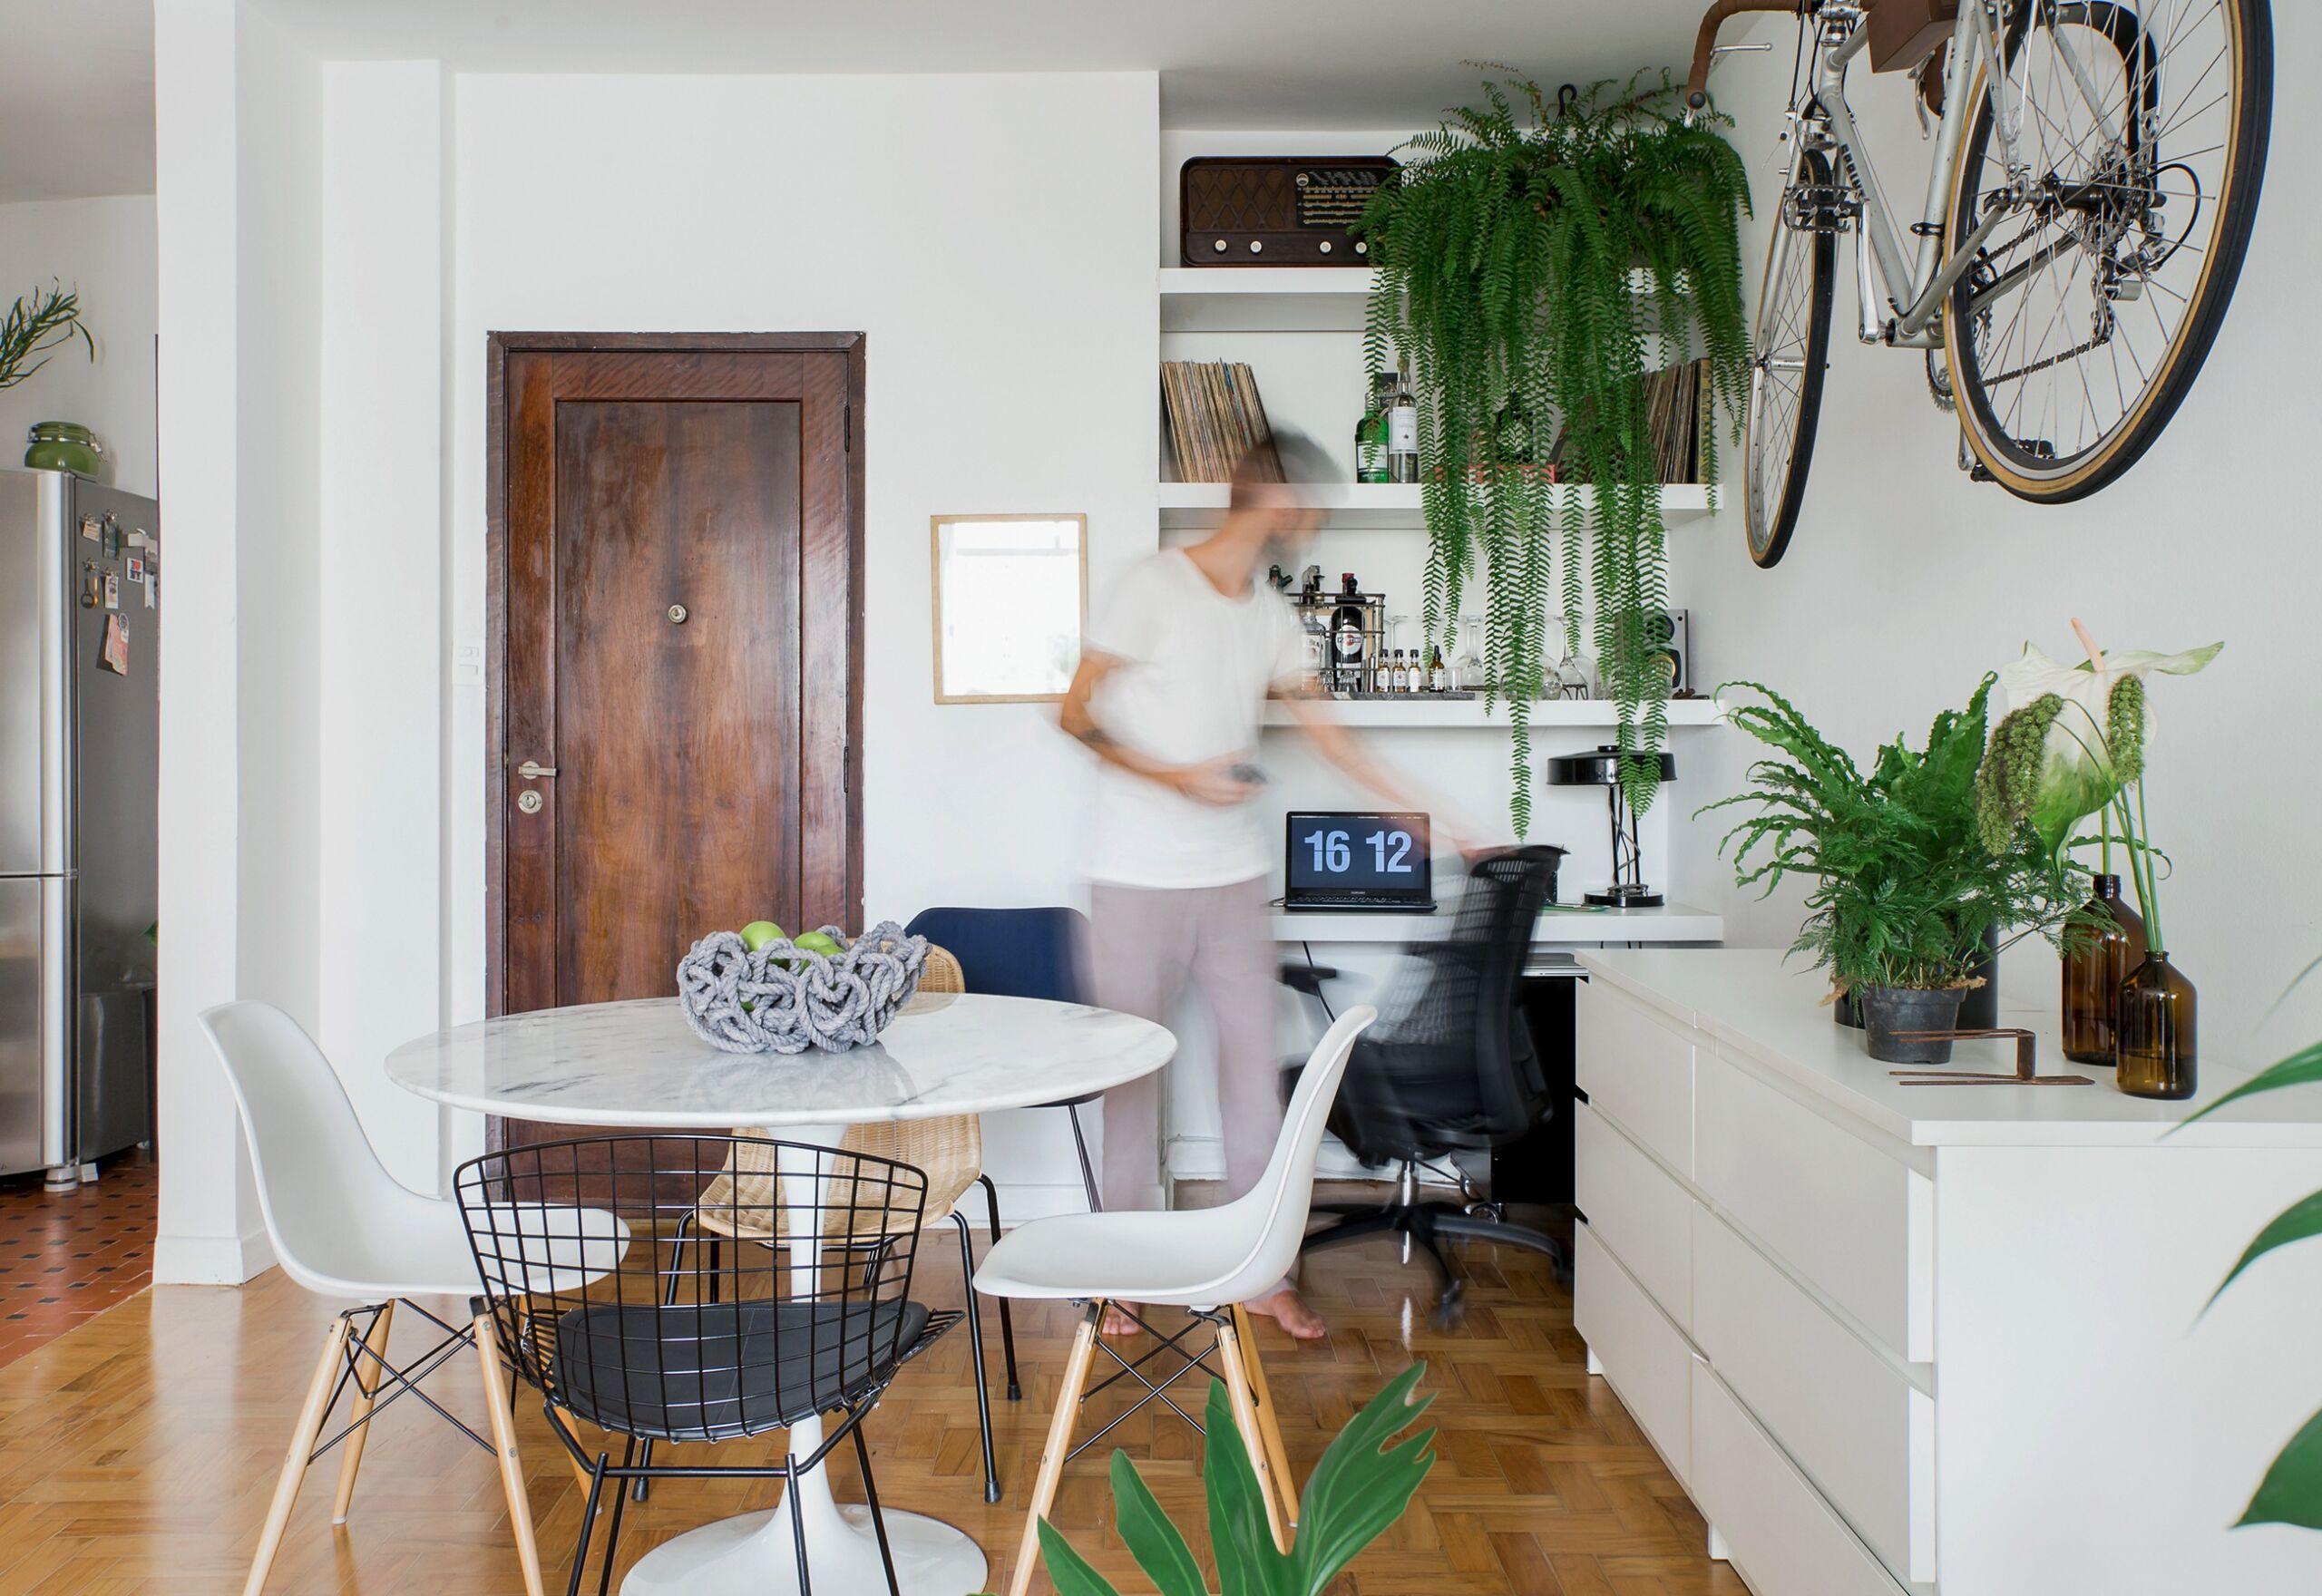 Apartamento alugado com pequena reforma e boas ideias